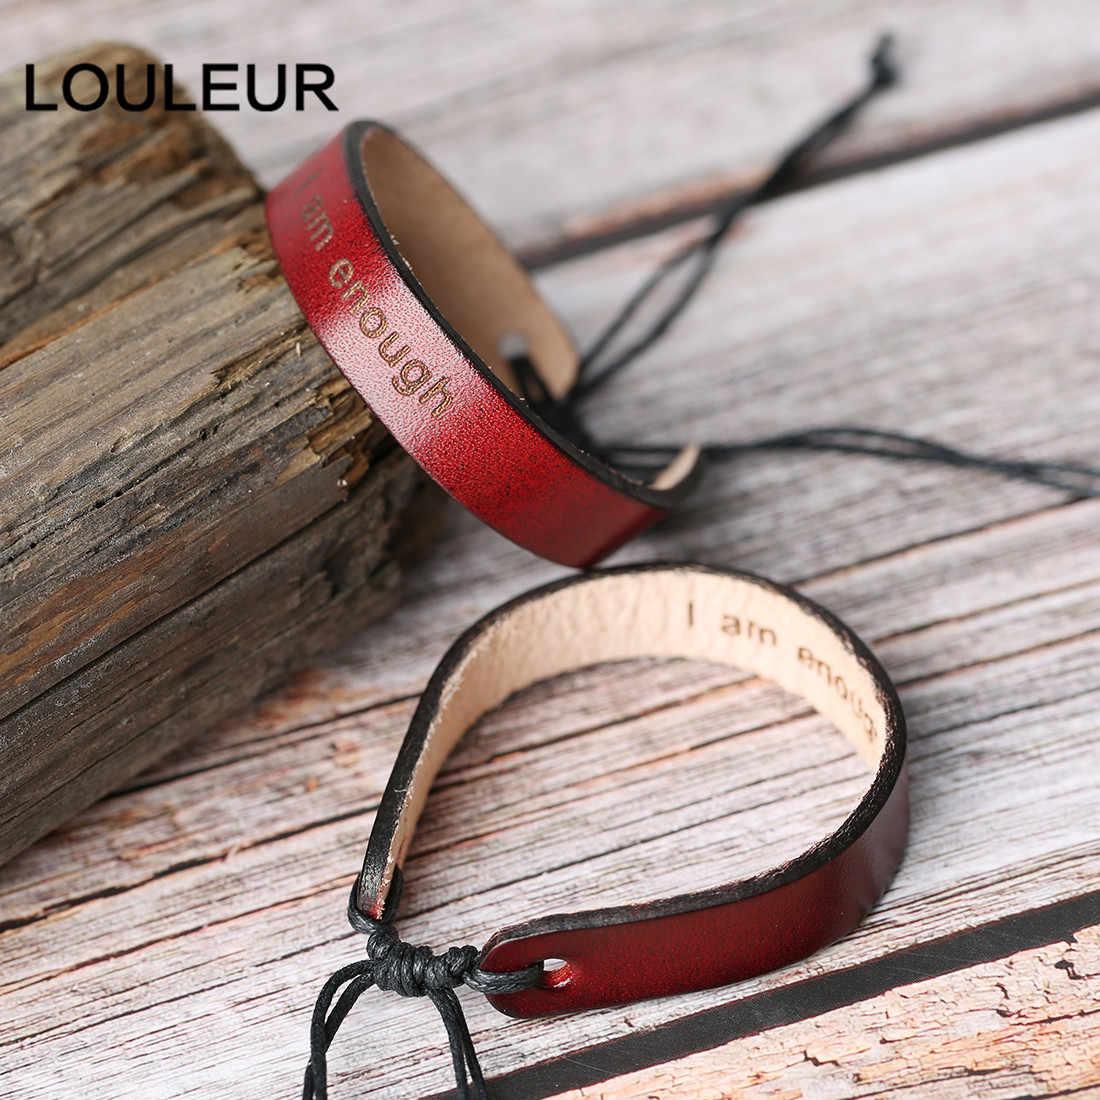 Индивидуальные мужские винтажные коричневые буквы Подлинная кожаный браслет на запястье браслеты Регулируемые мужские ювелирные изделия распродажа